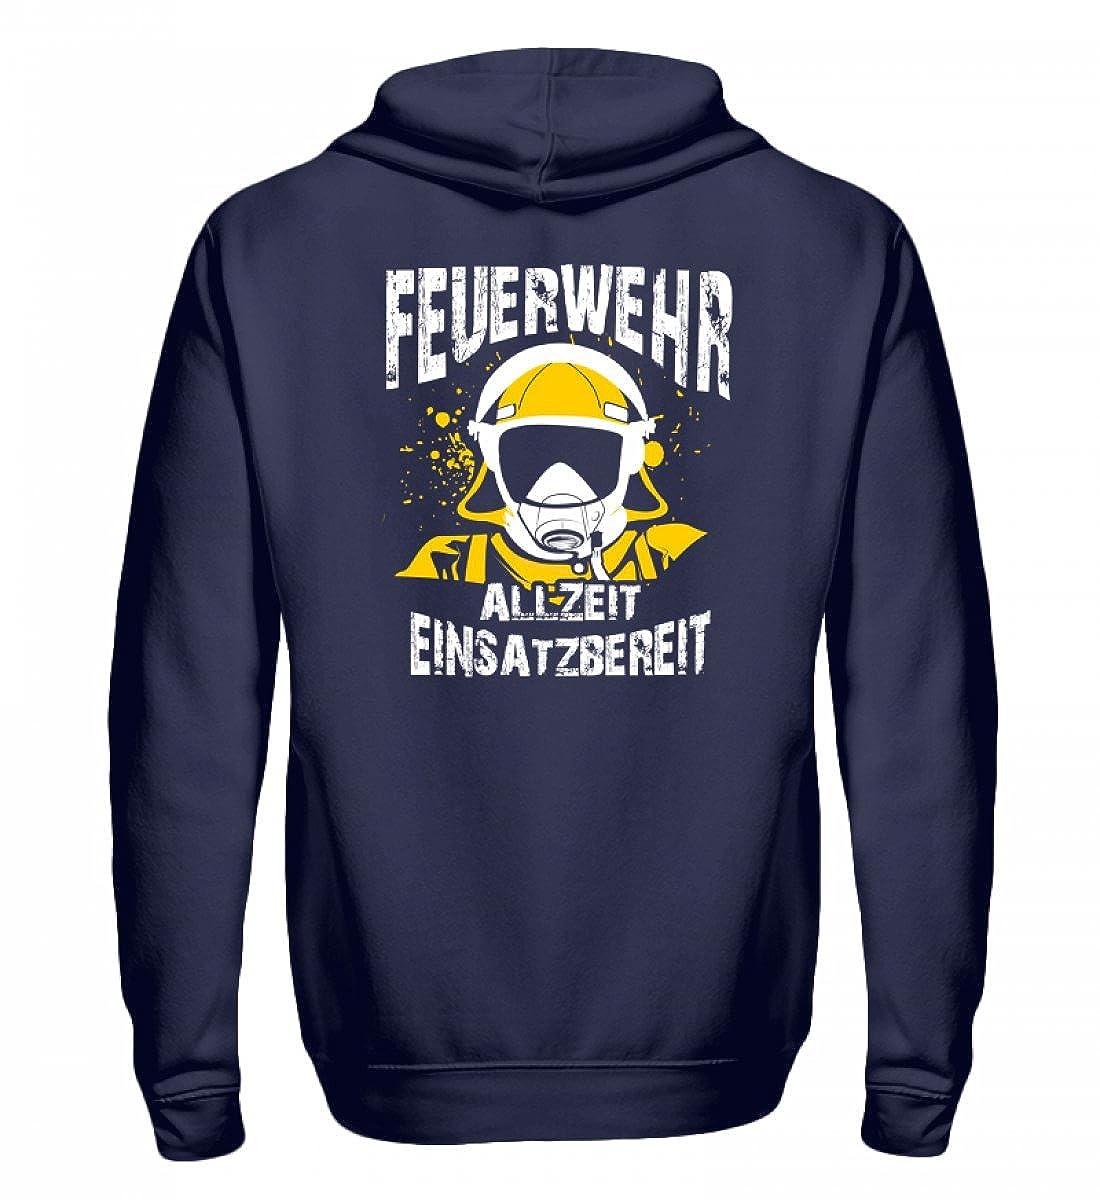 Feuerwehr Shirt · Geschenk für Feuerwehrmänner Frauen · Spruch  Allzeit einsatzbereit - Zip-Hoodie